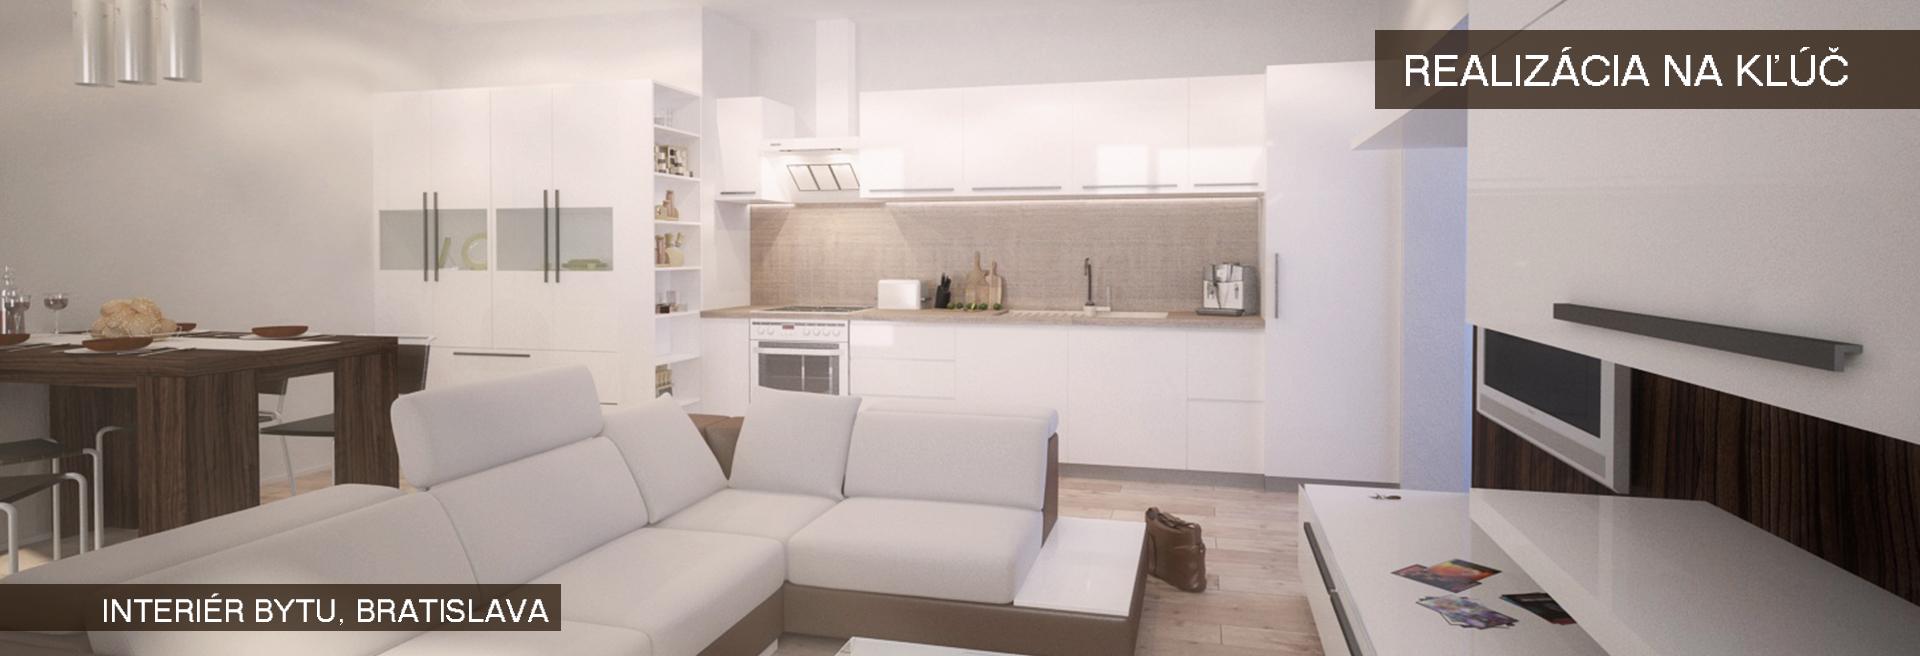 Interiérový dizajn, architektúra a projektovanie.Realizácie stavebných a stolárských prác na kľúč